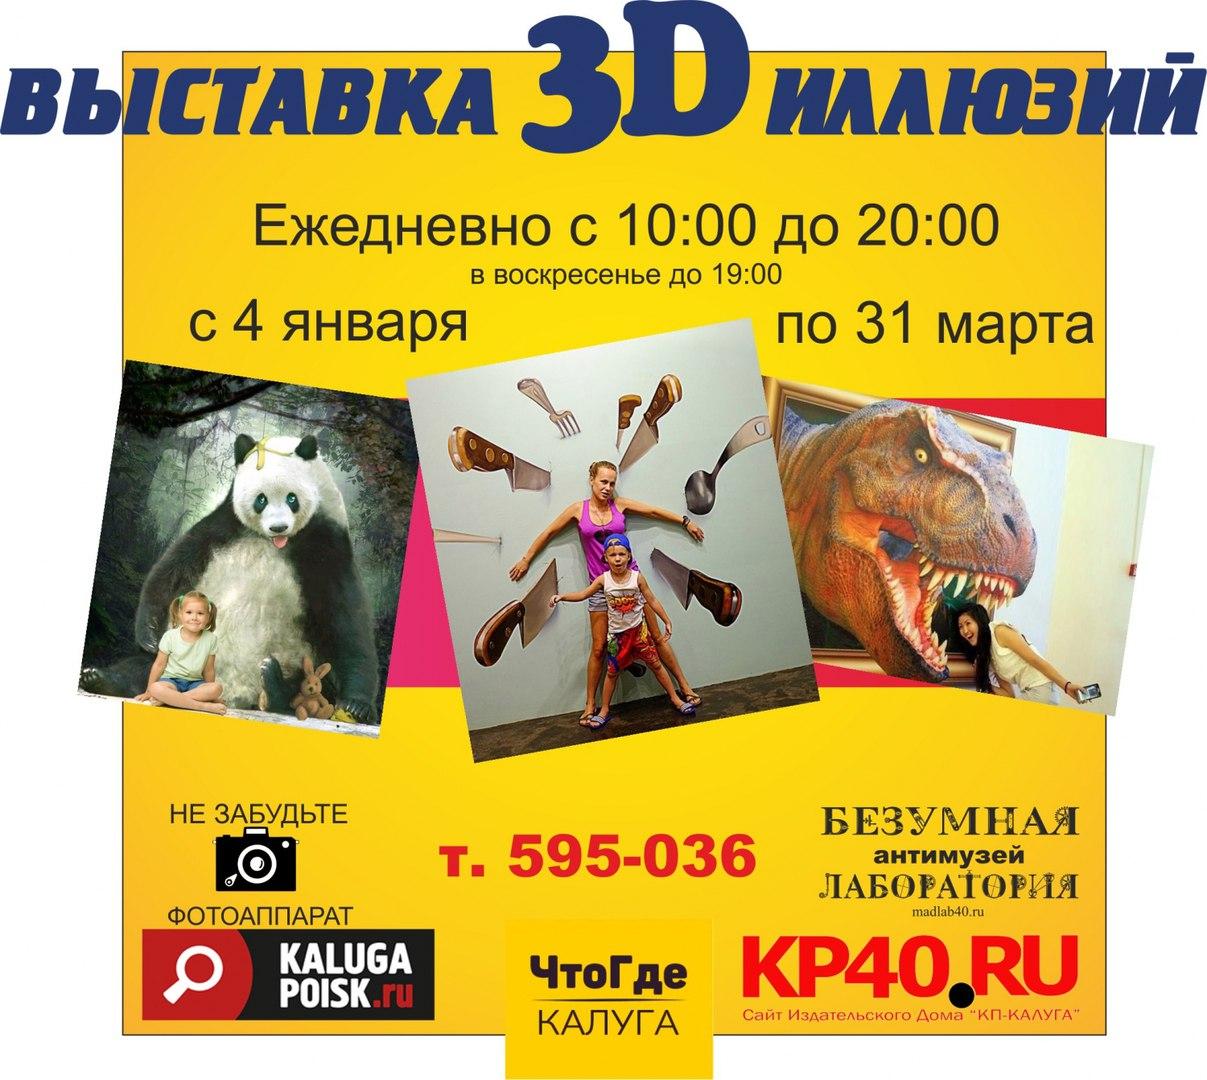 Выставка 3D иллюзий в Безумной лаборатории